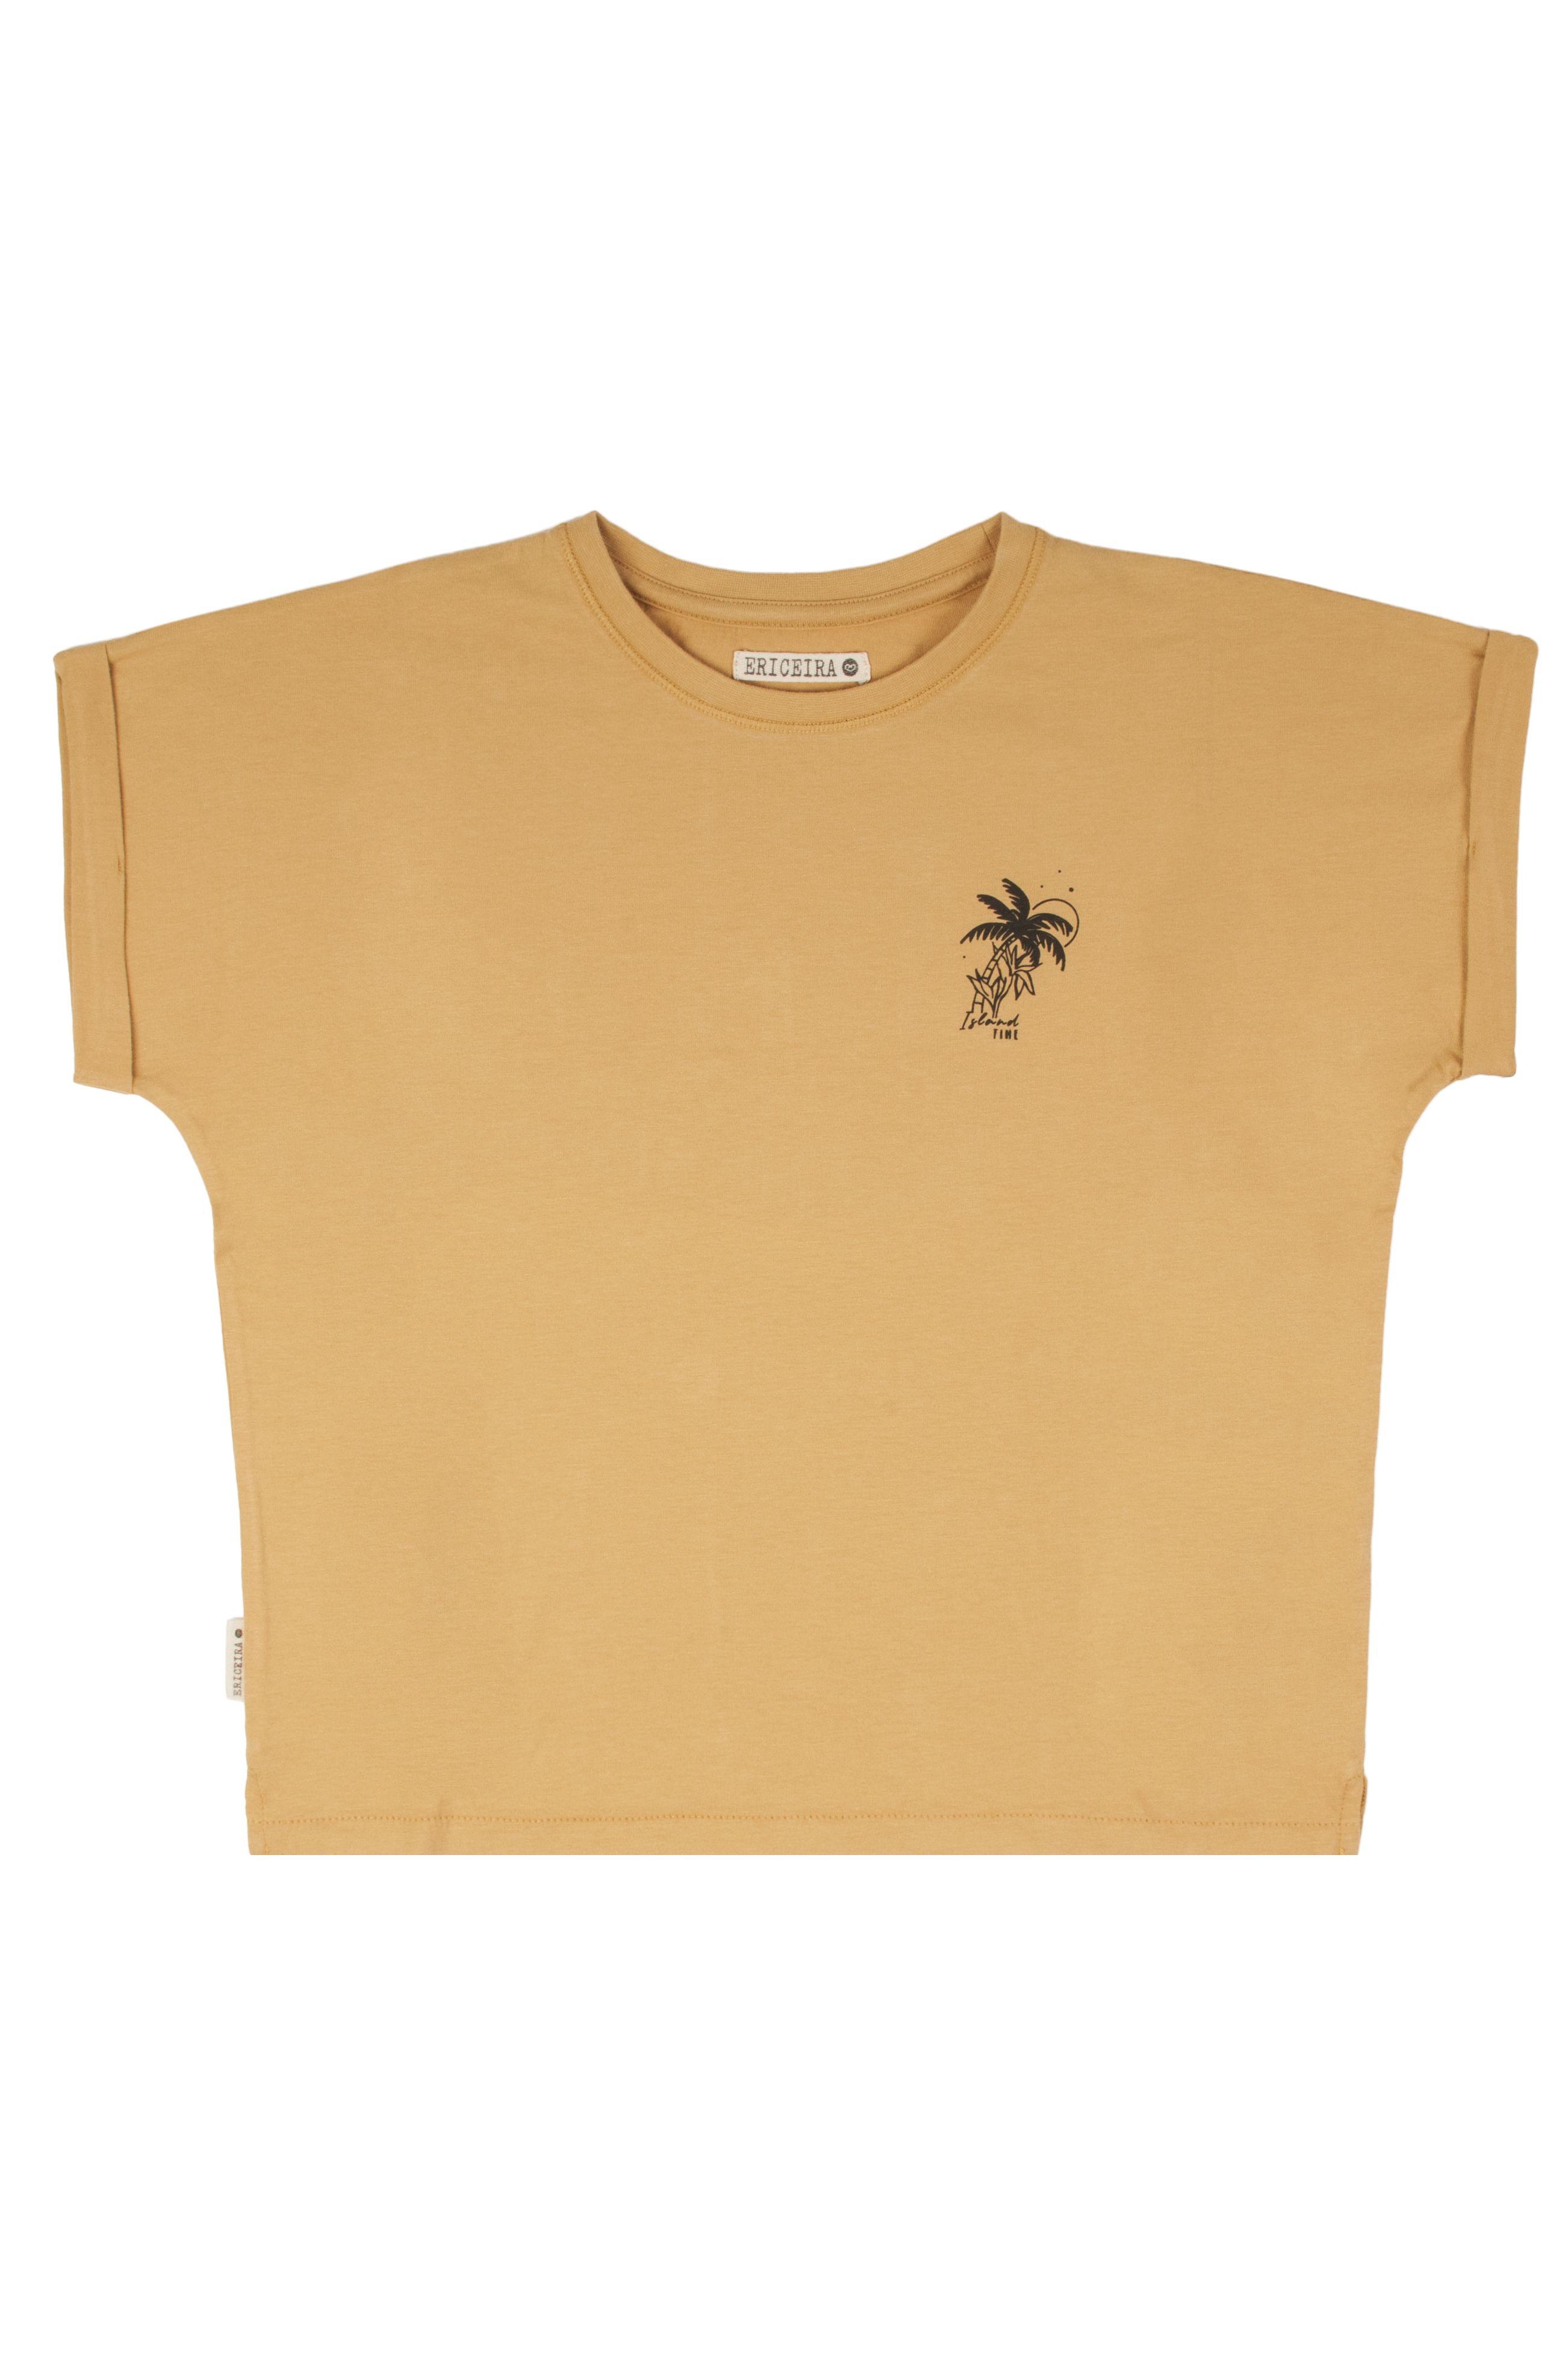 T-Shirt Ericeira Surf Skate TROPICAL Mustard